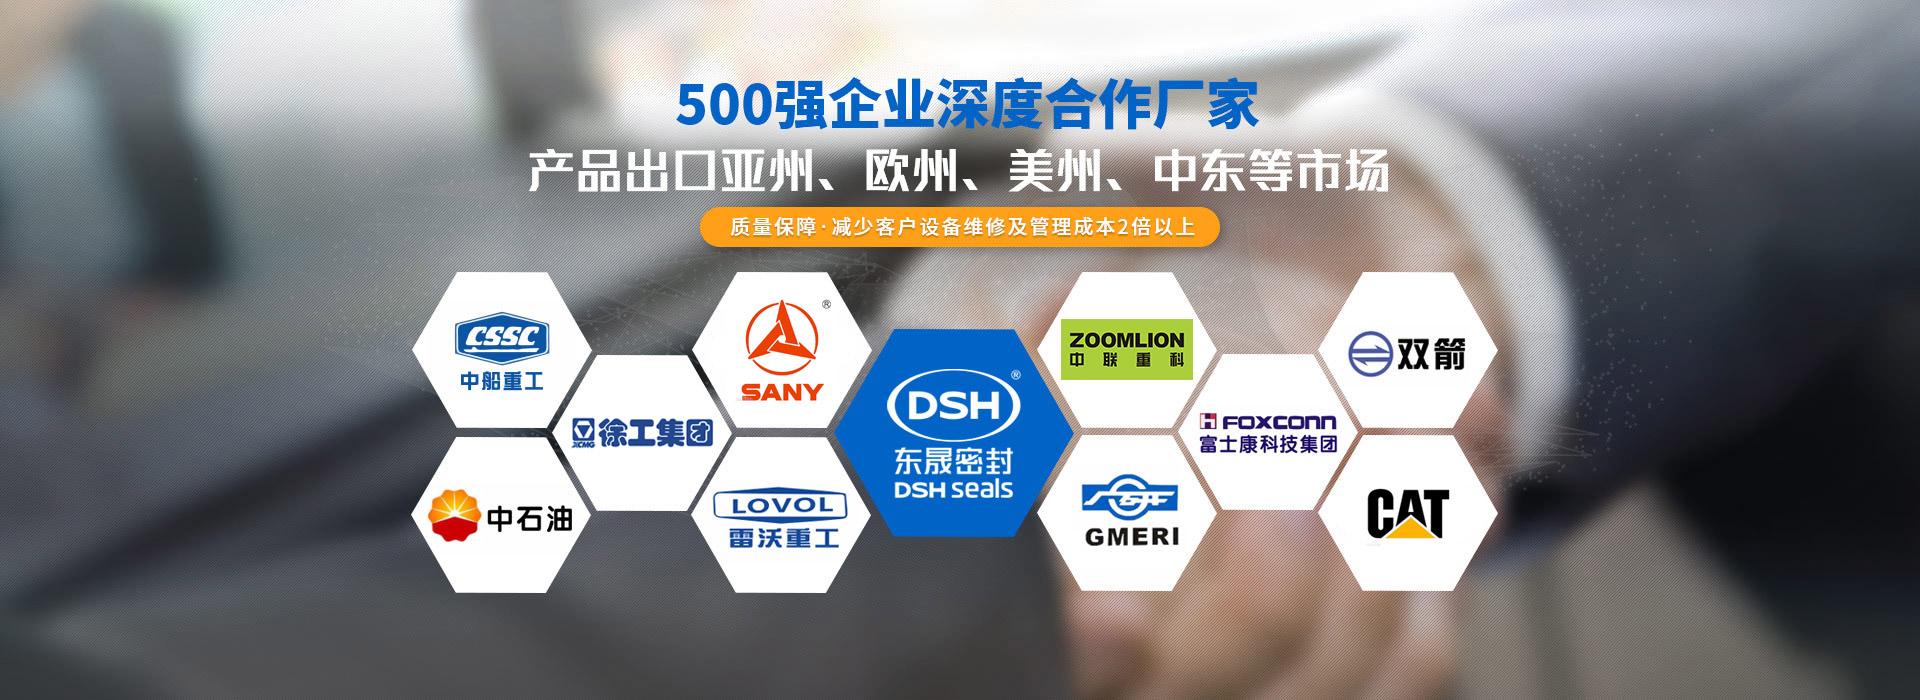 东晟密封-500强企业深度合作厂家